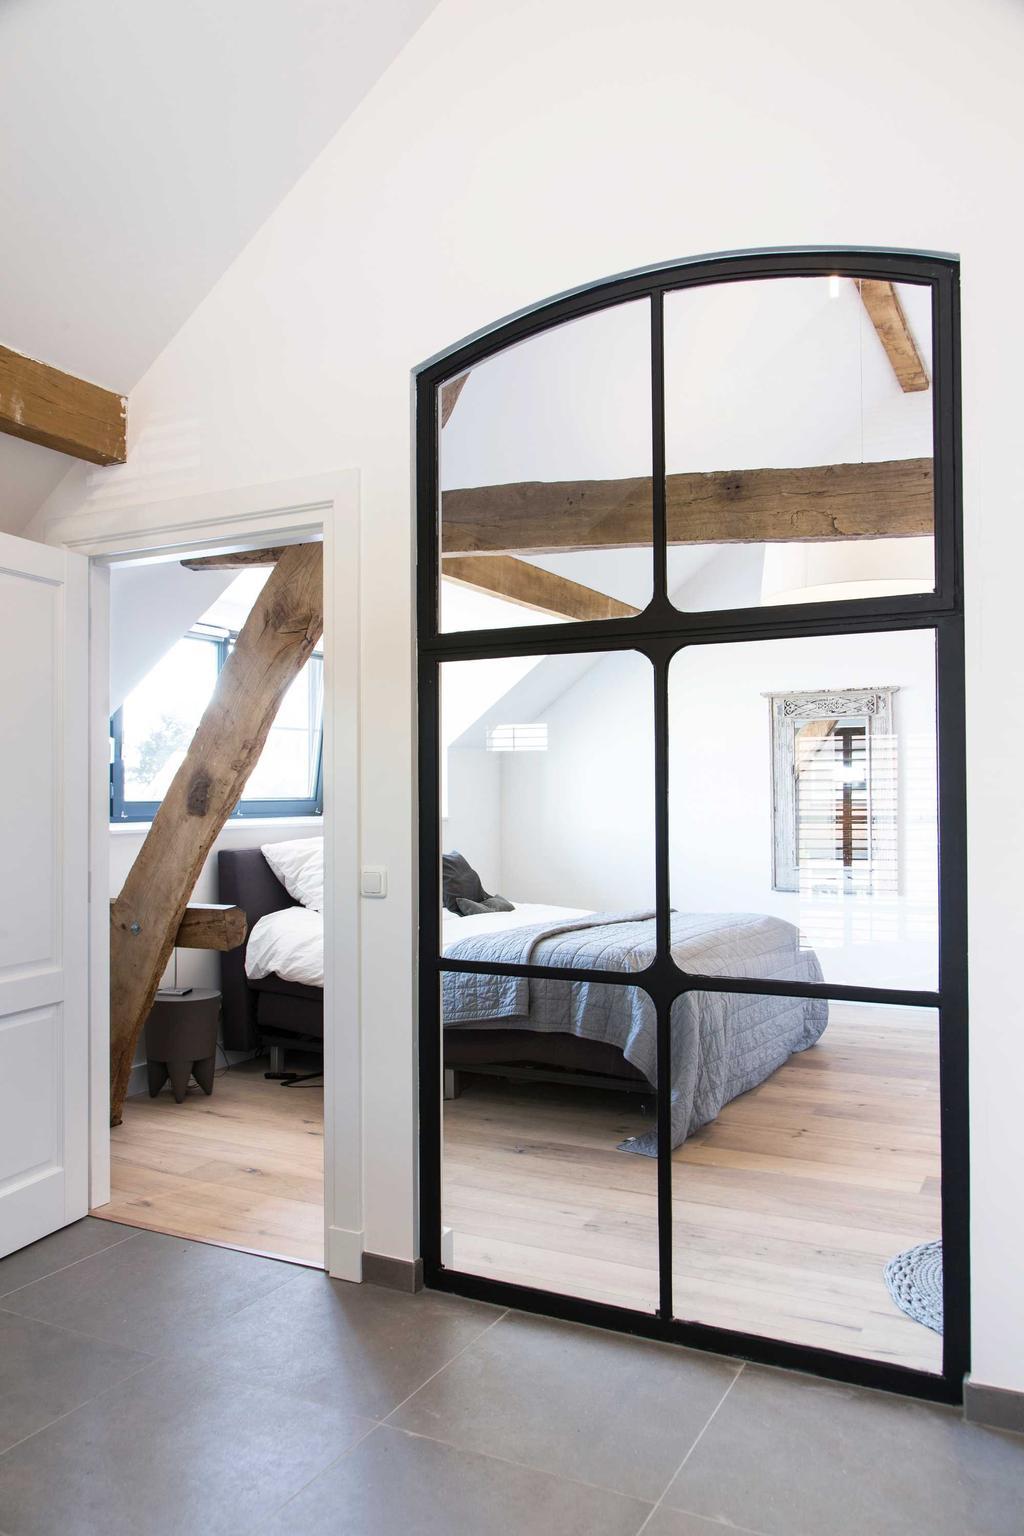 glas deur slaapkamer